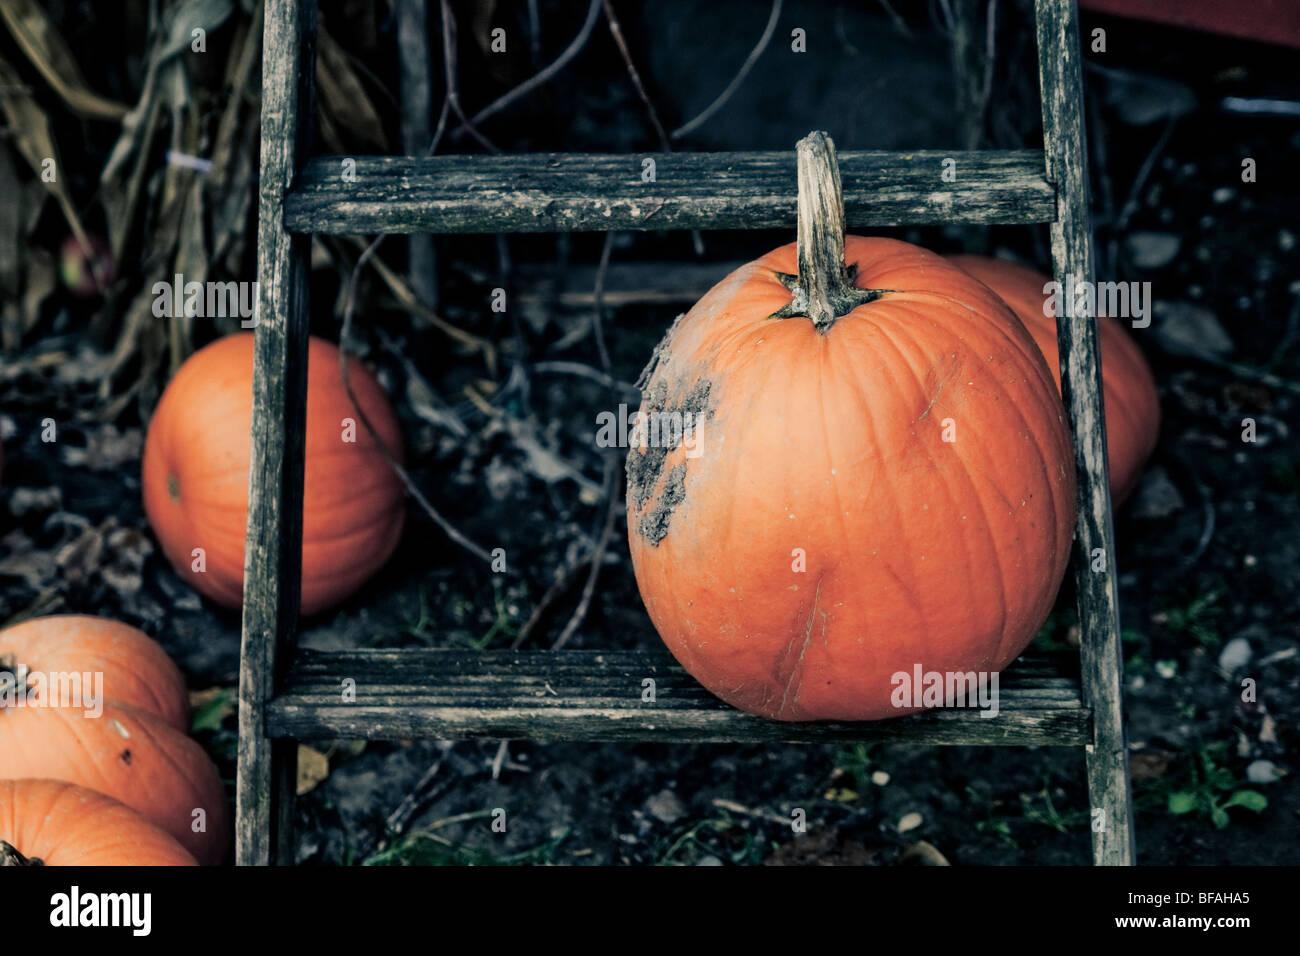 Pumpkins sur une sinistre fond frêne noir Photo Stock